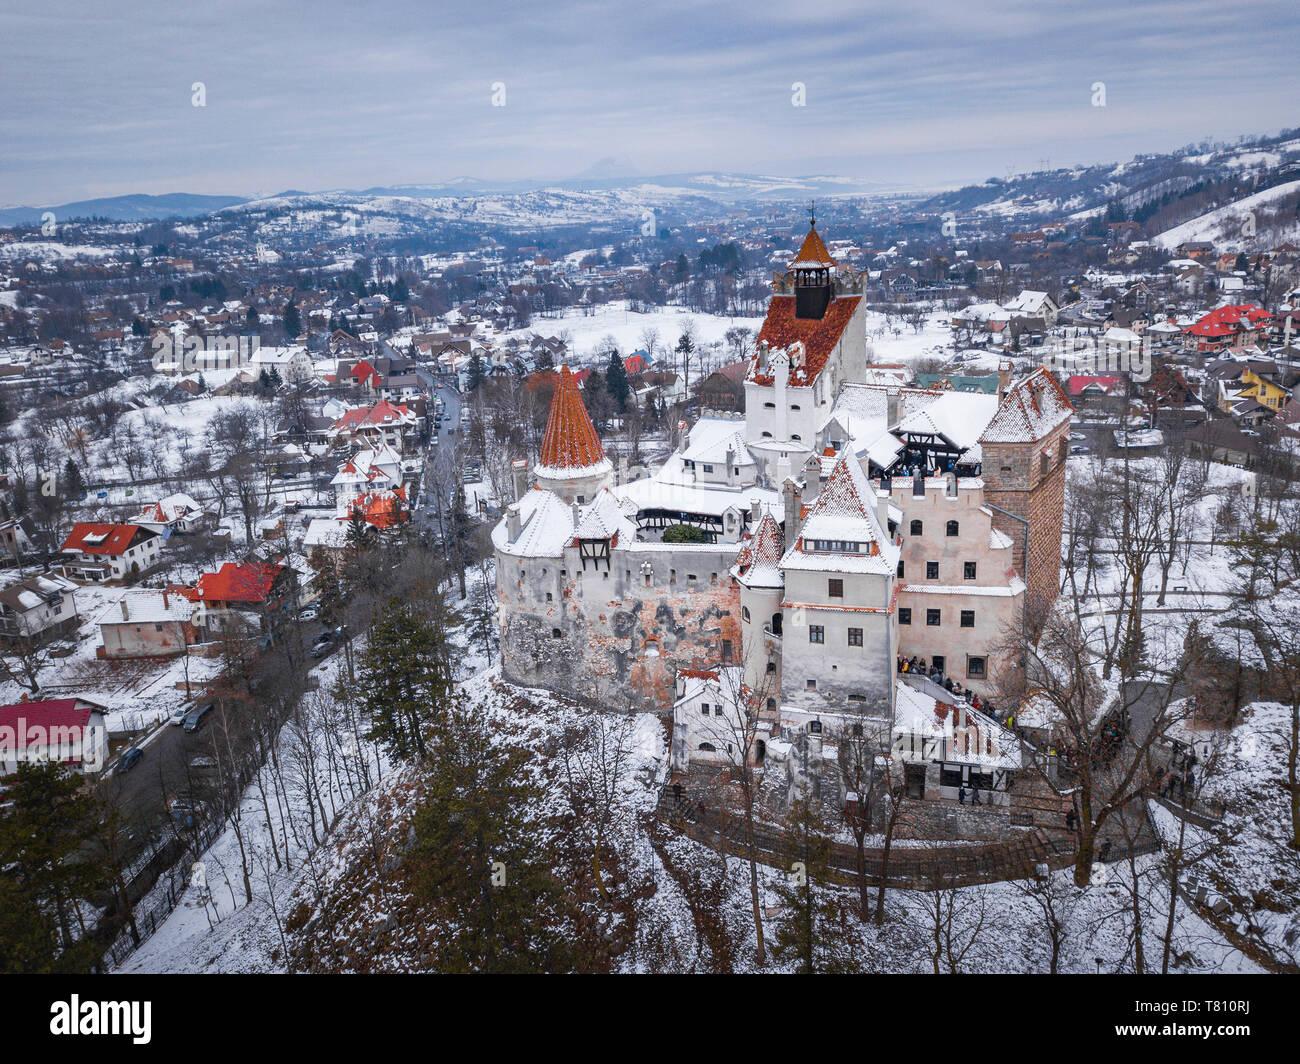 Bran Castle covered in snow in winter, Transylvania, Romania, Europe Stock Photo